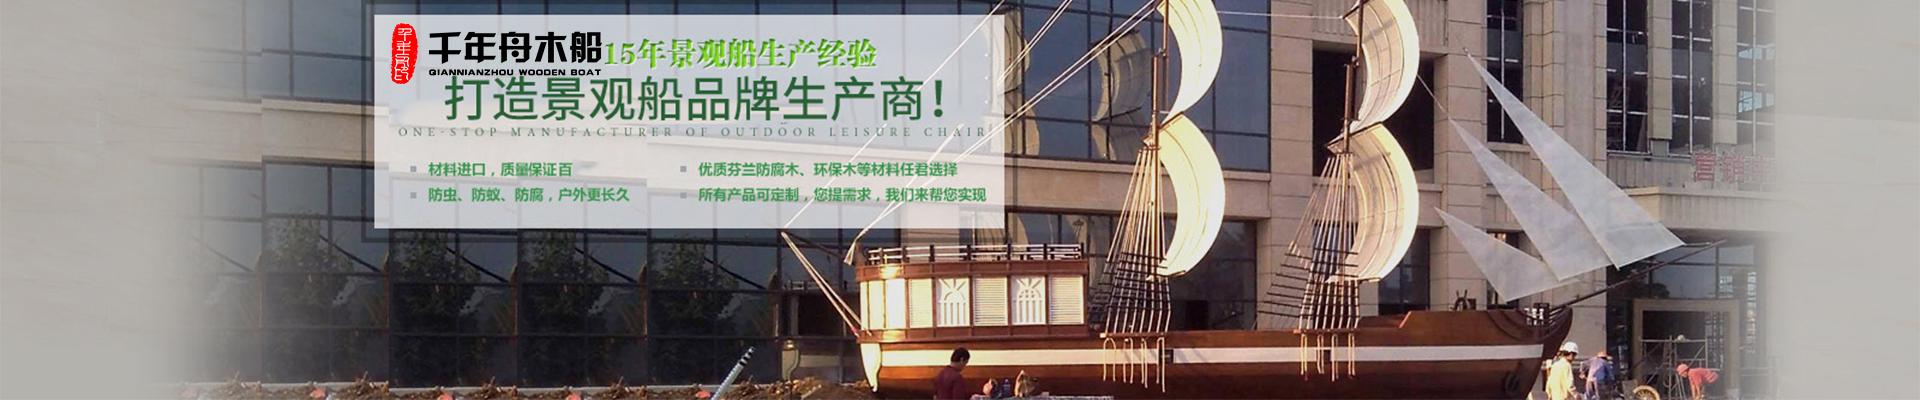 兴化市千年舟工艺木船厂